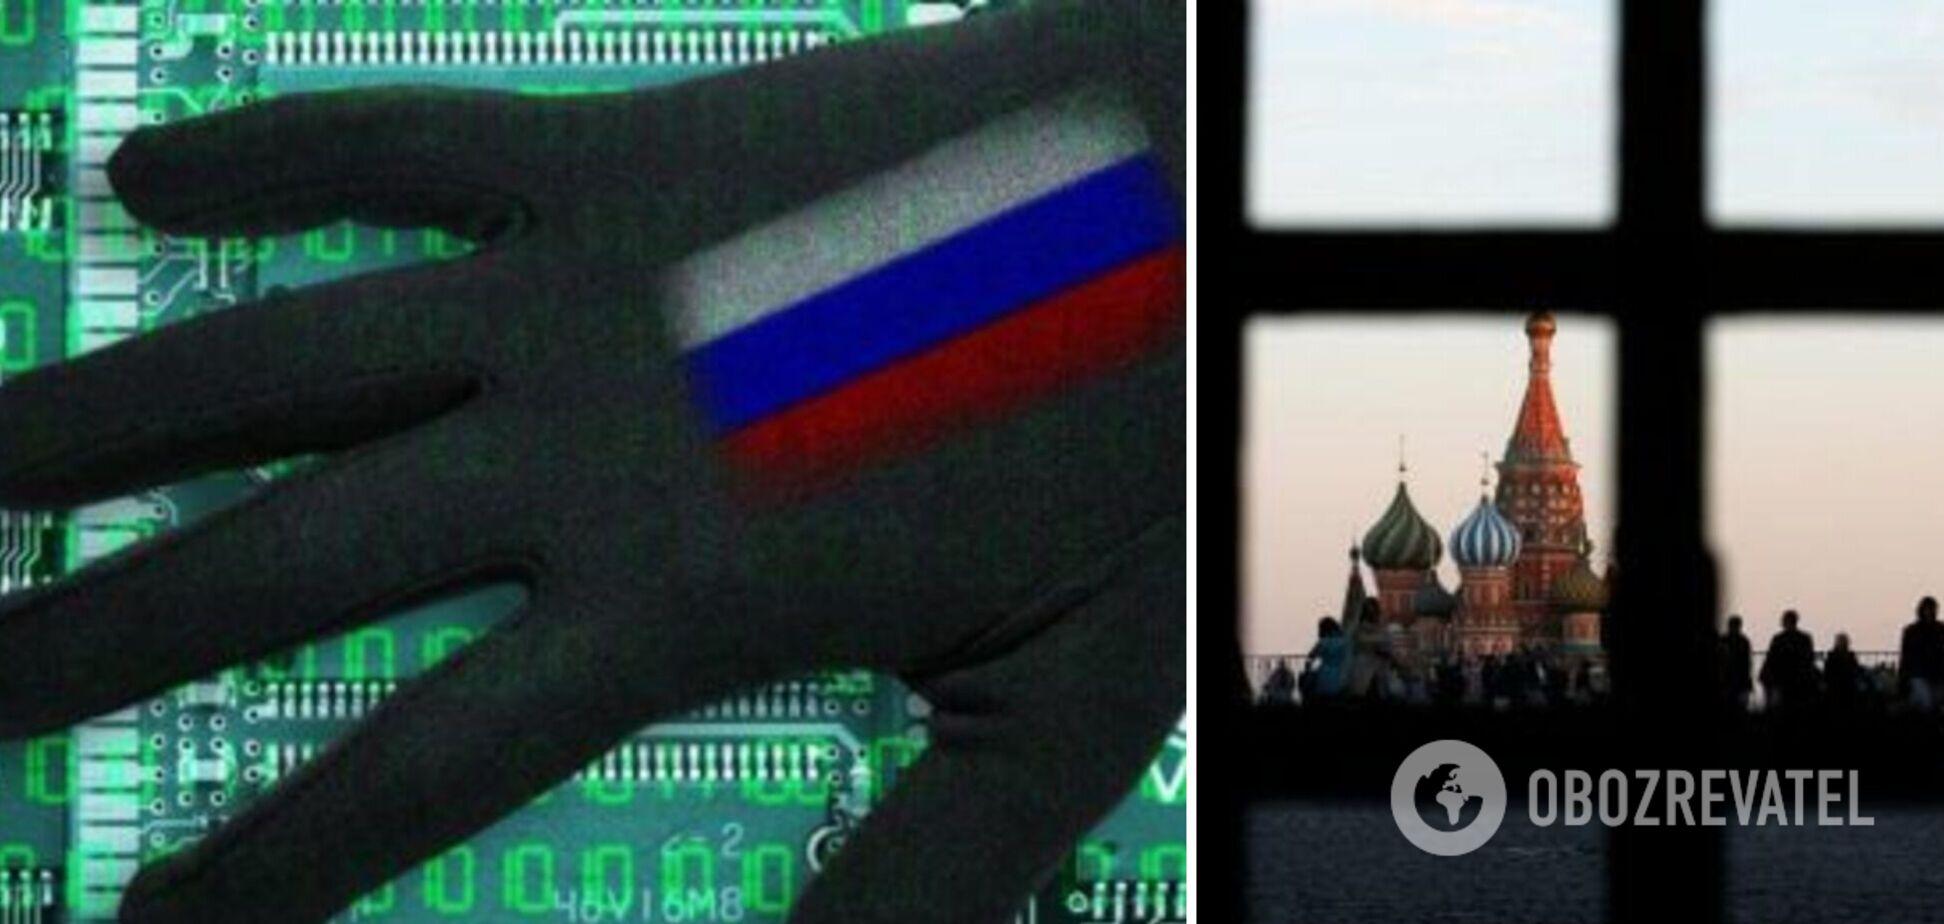 Громкий провал российских спецслужб. Правозащитники вывезли из России 40 Гб видео пыток